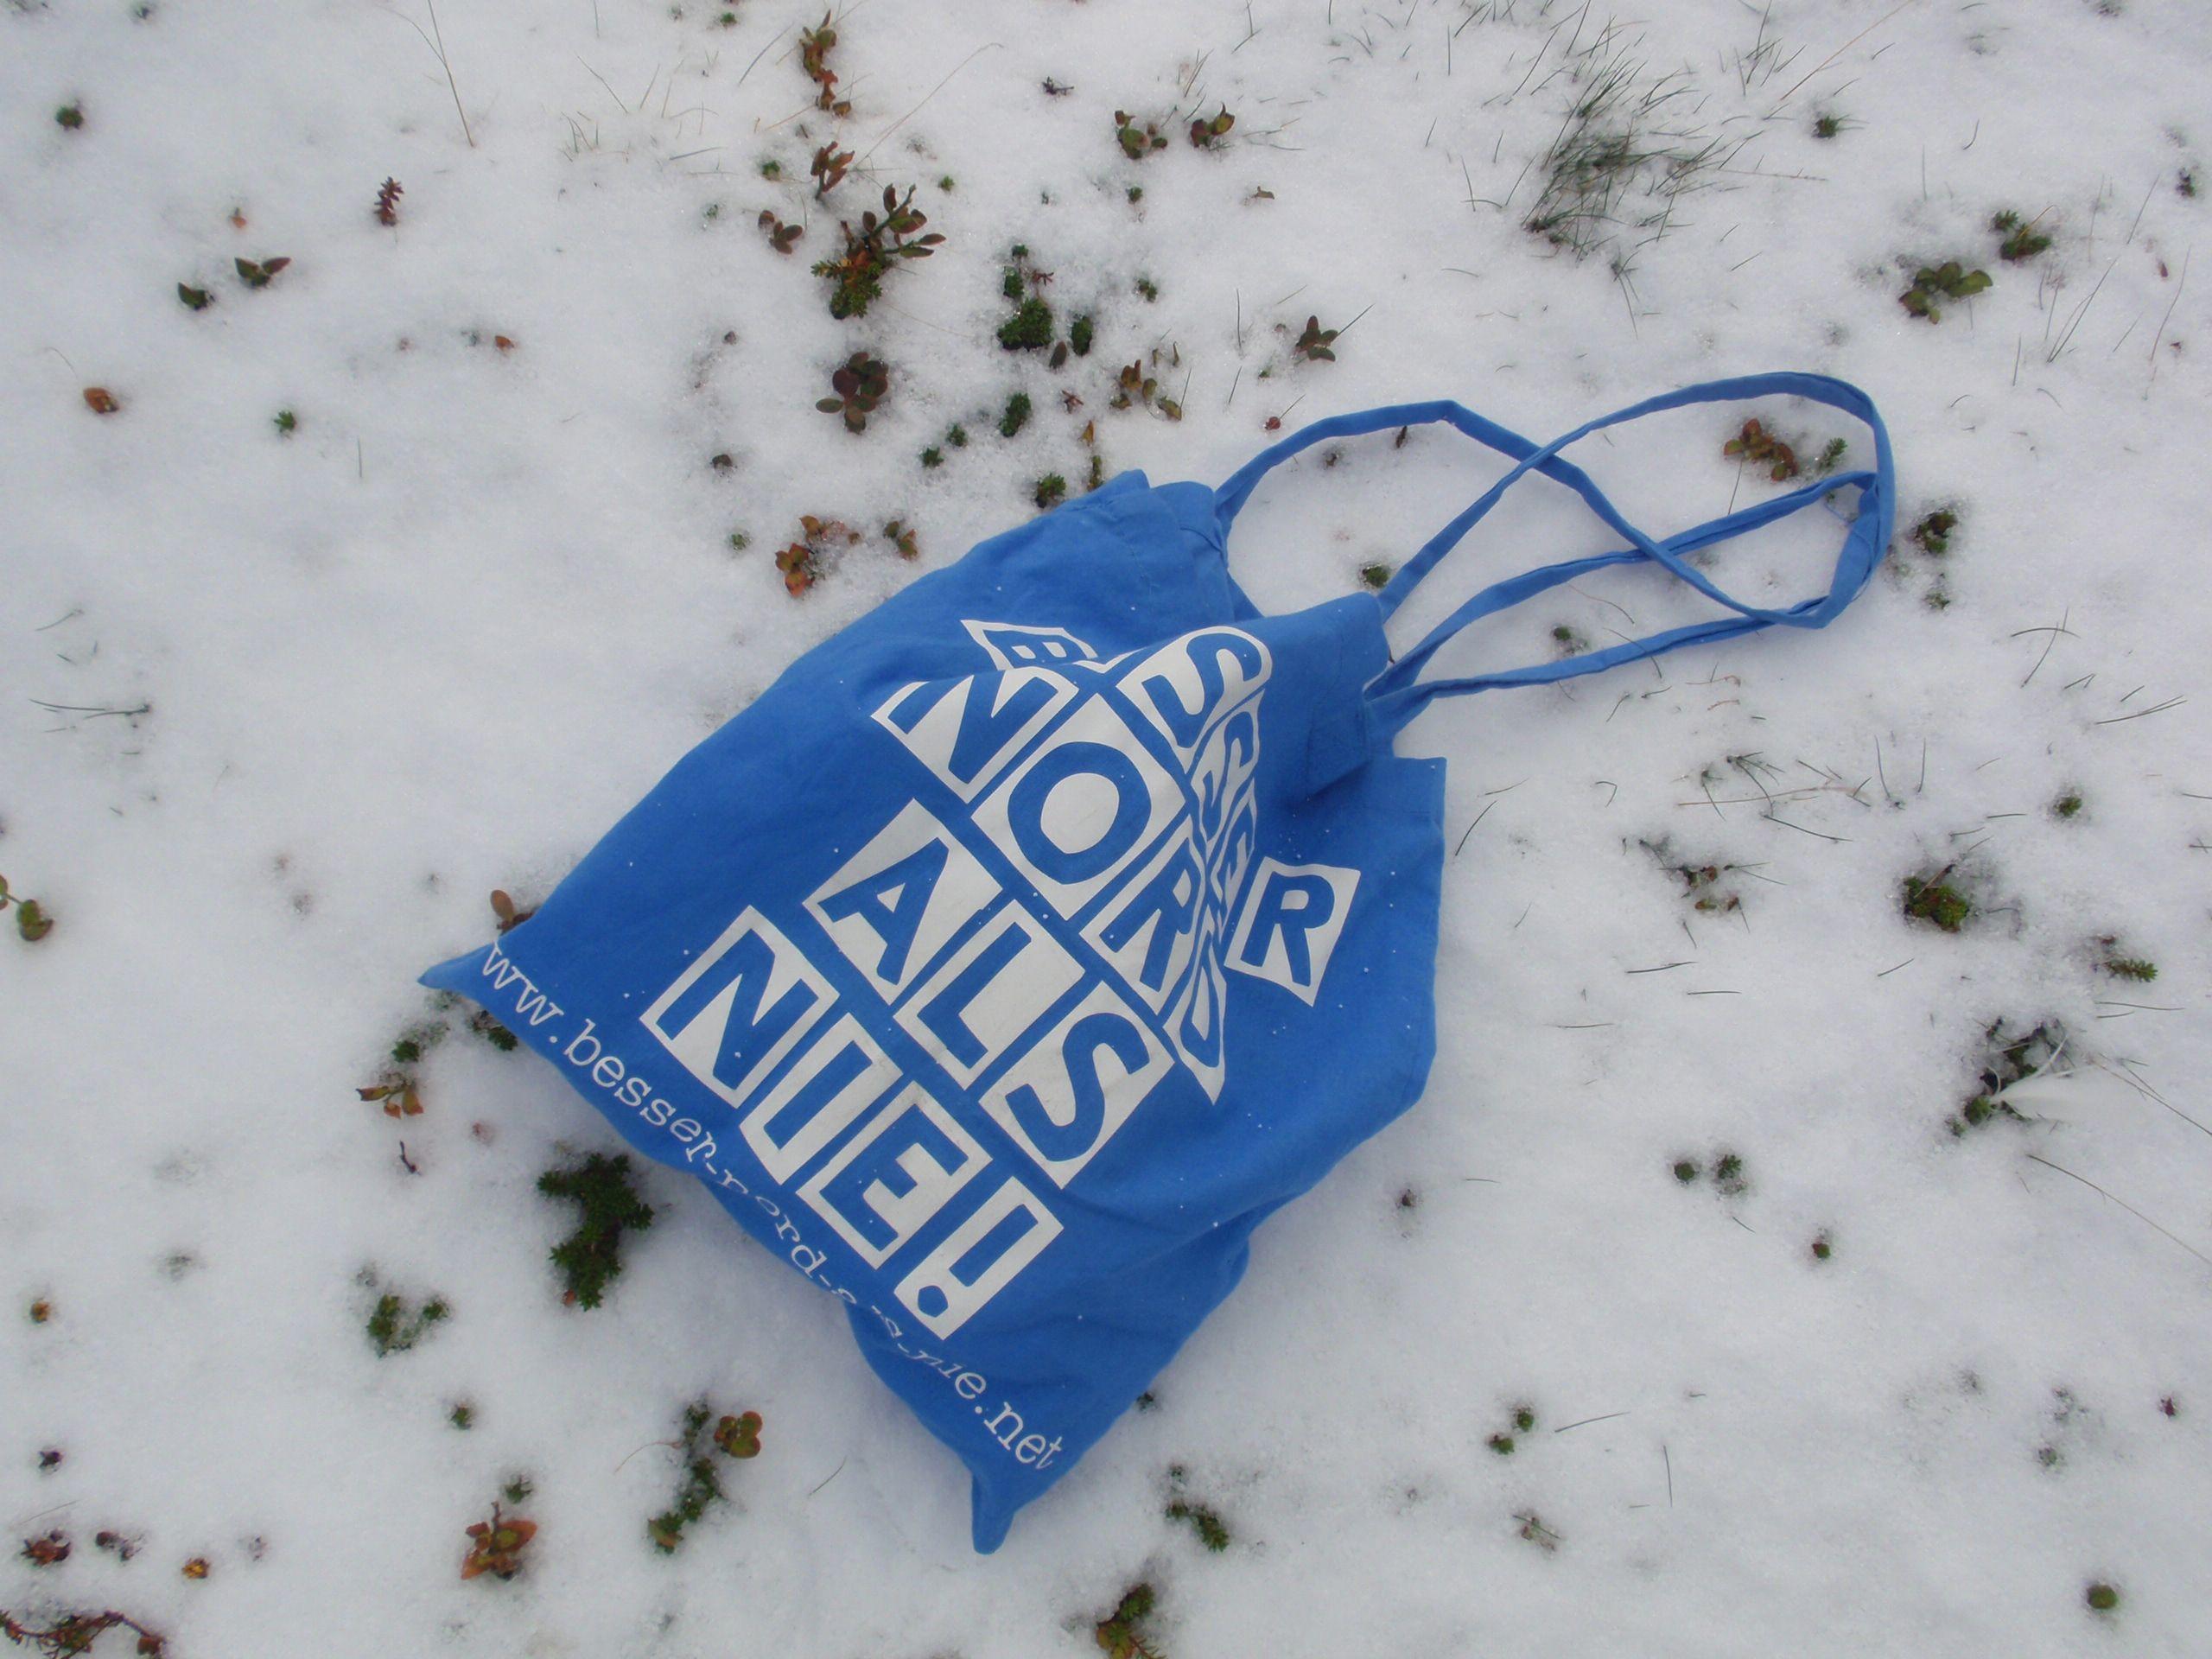 Wir wünschen uns Schnee zu Weihnachten!